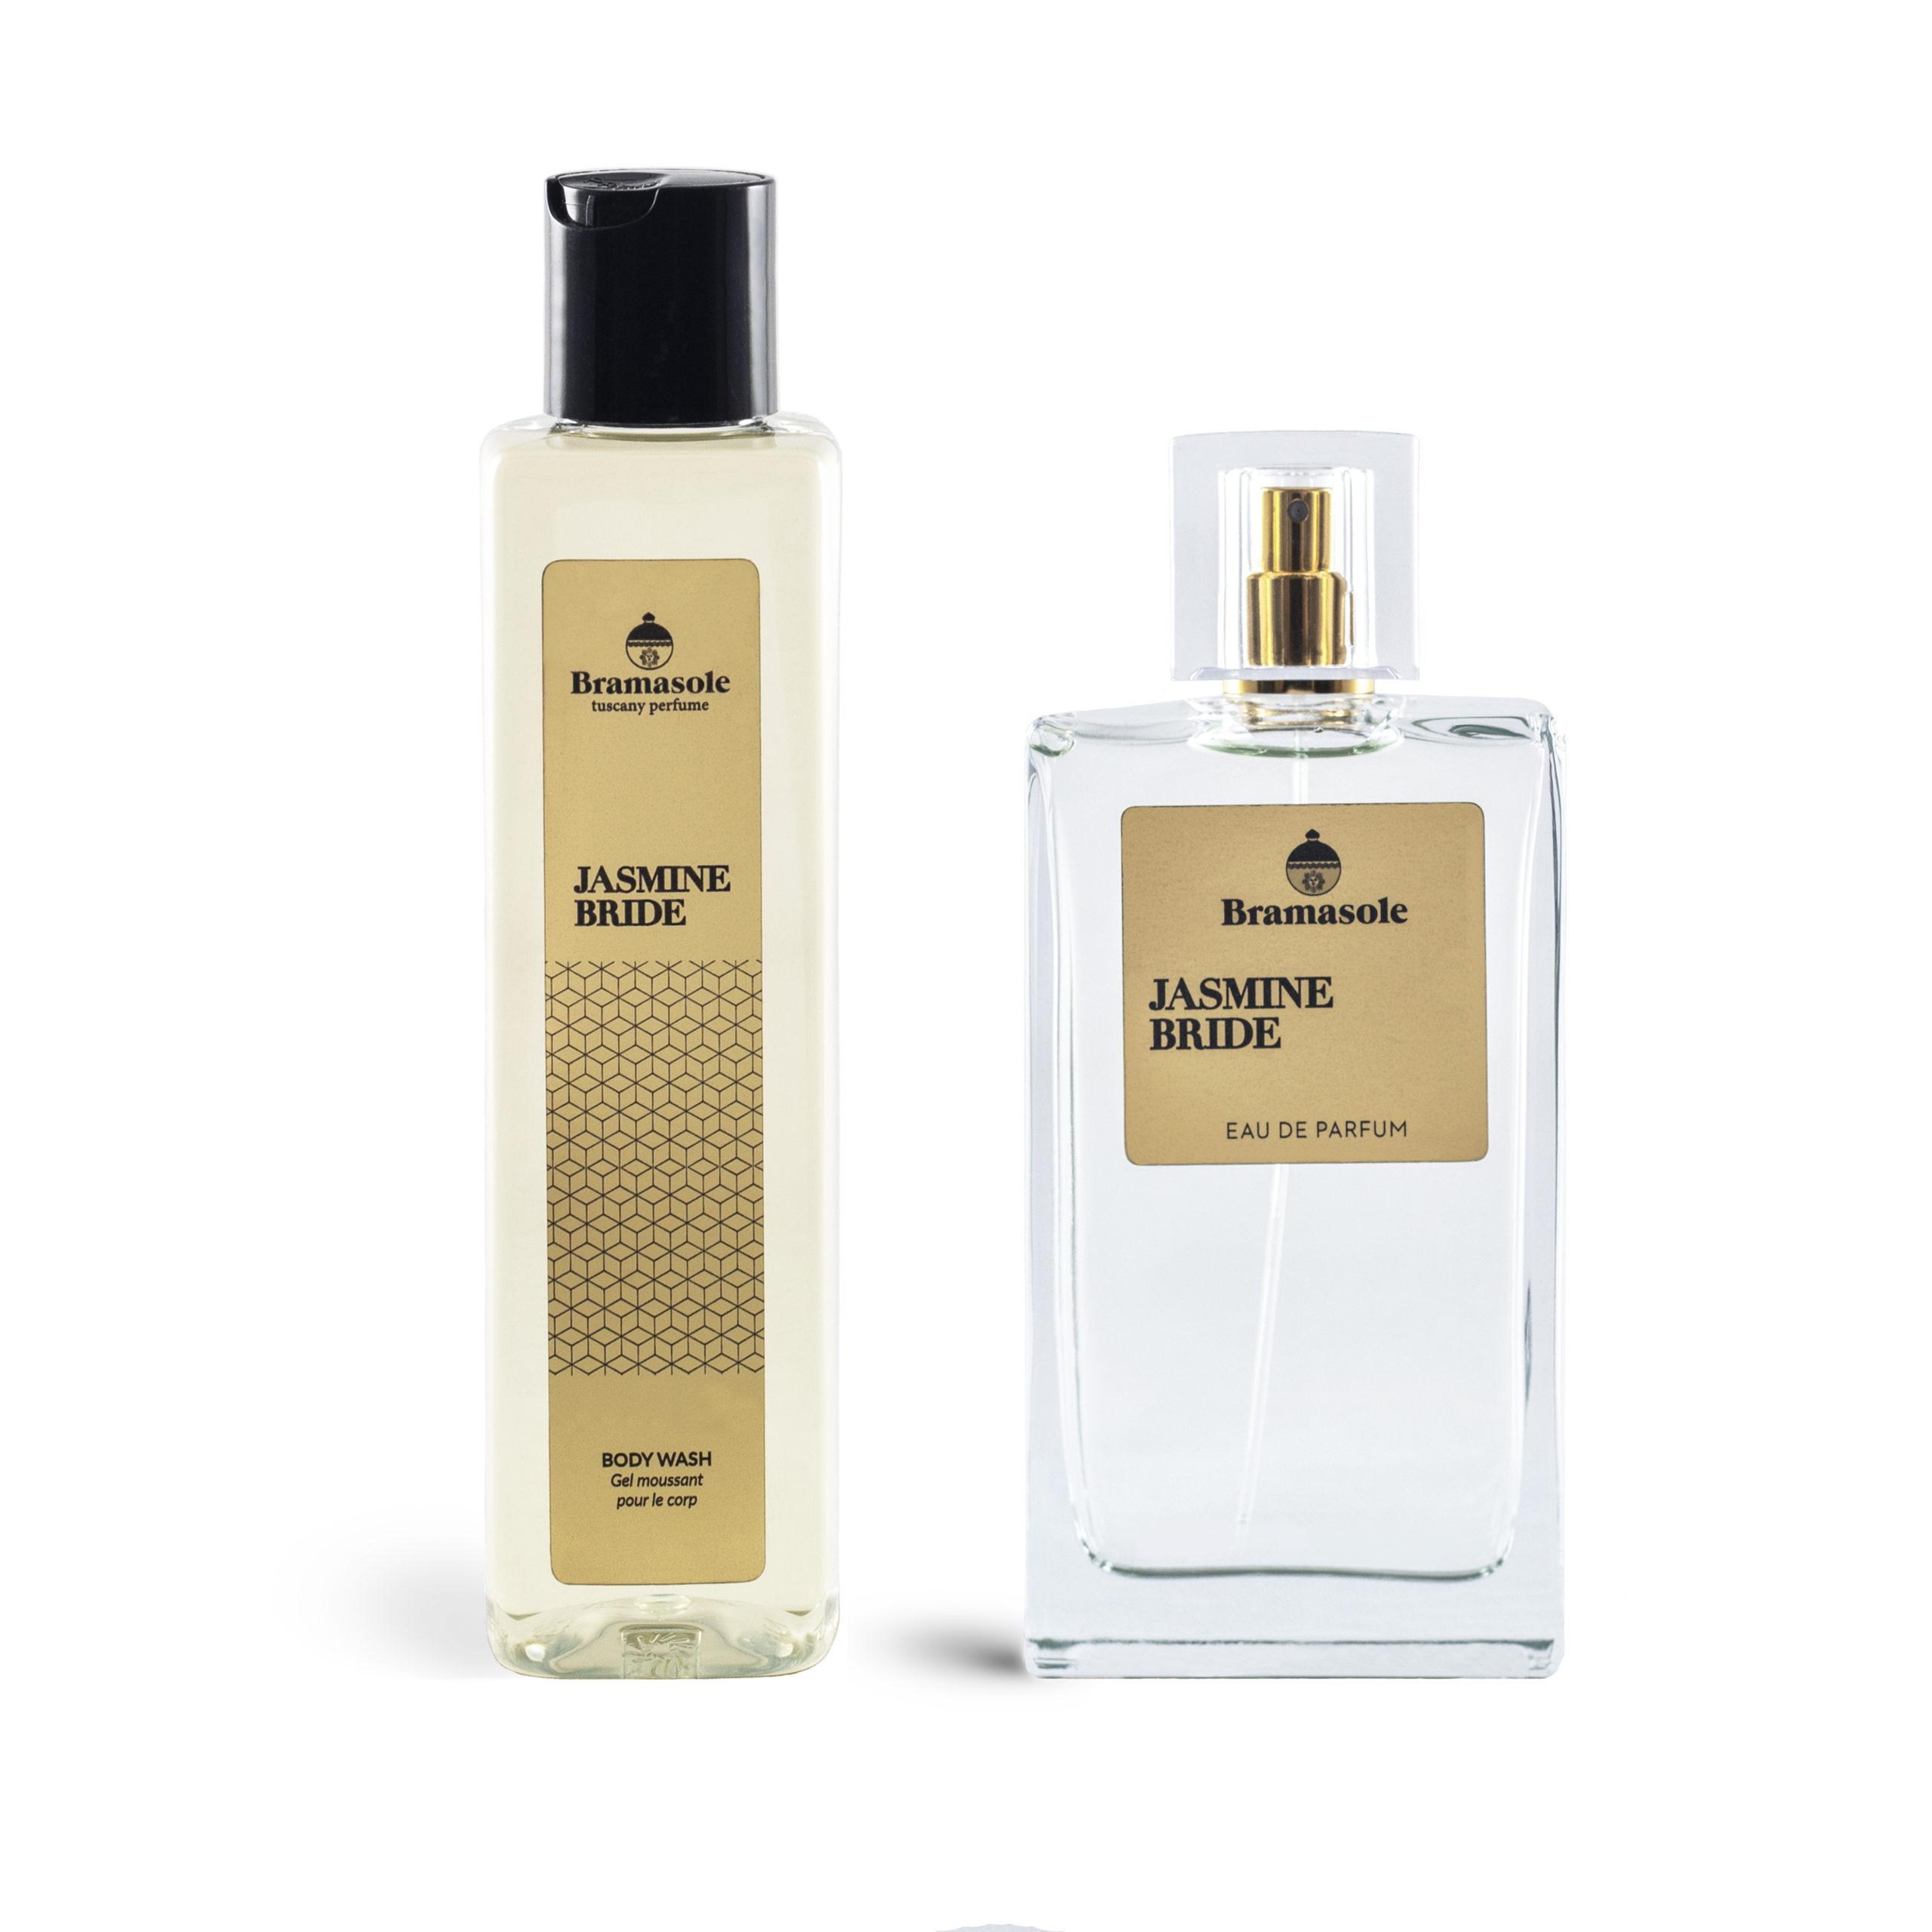 Jasmine Bride - profumo e bagnoschiuma